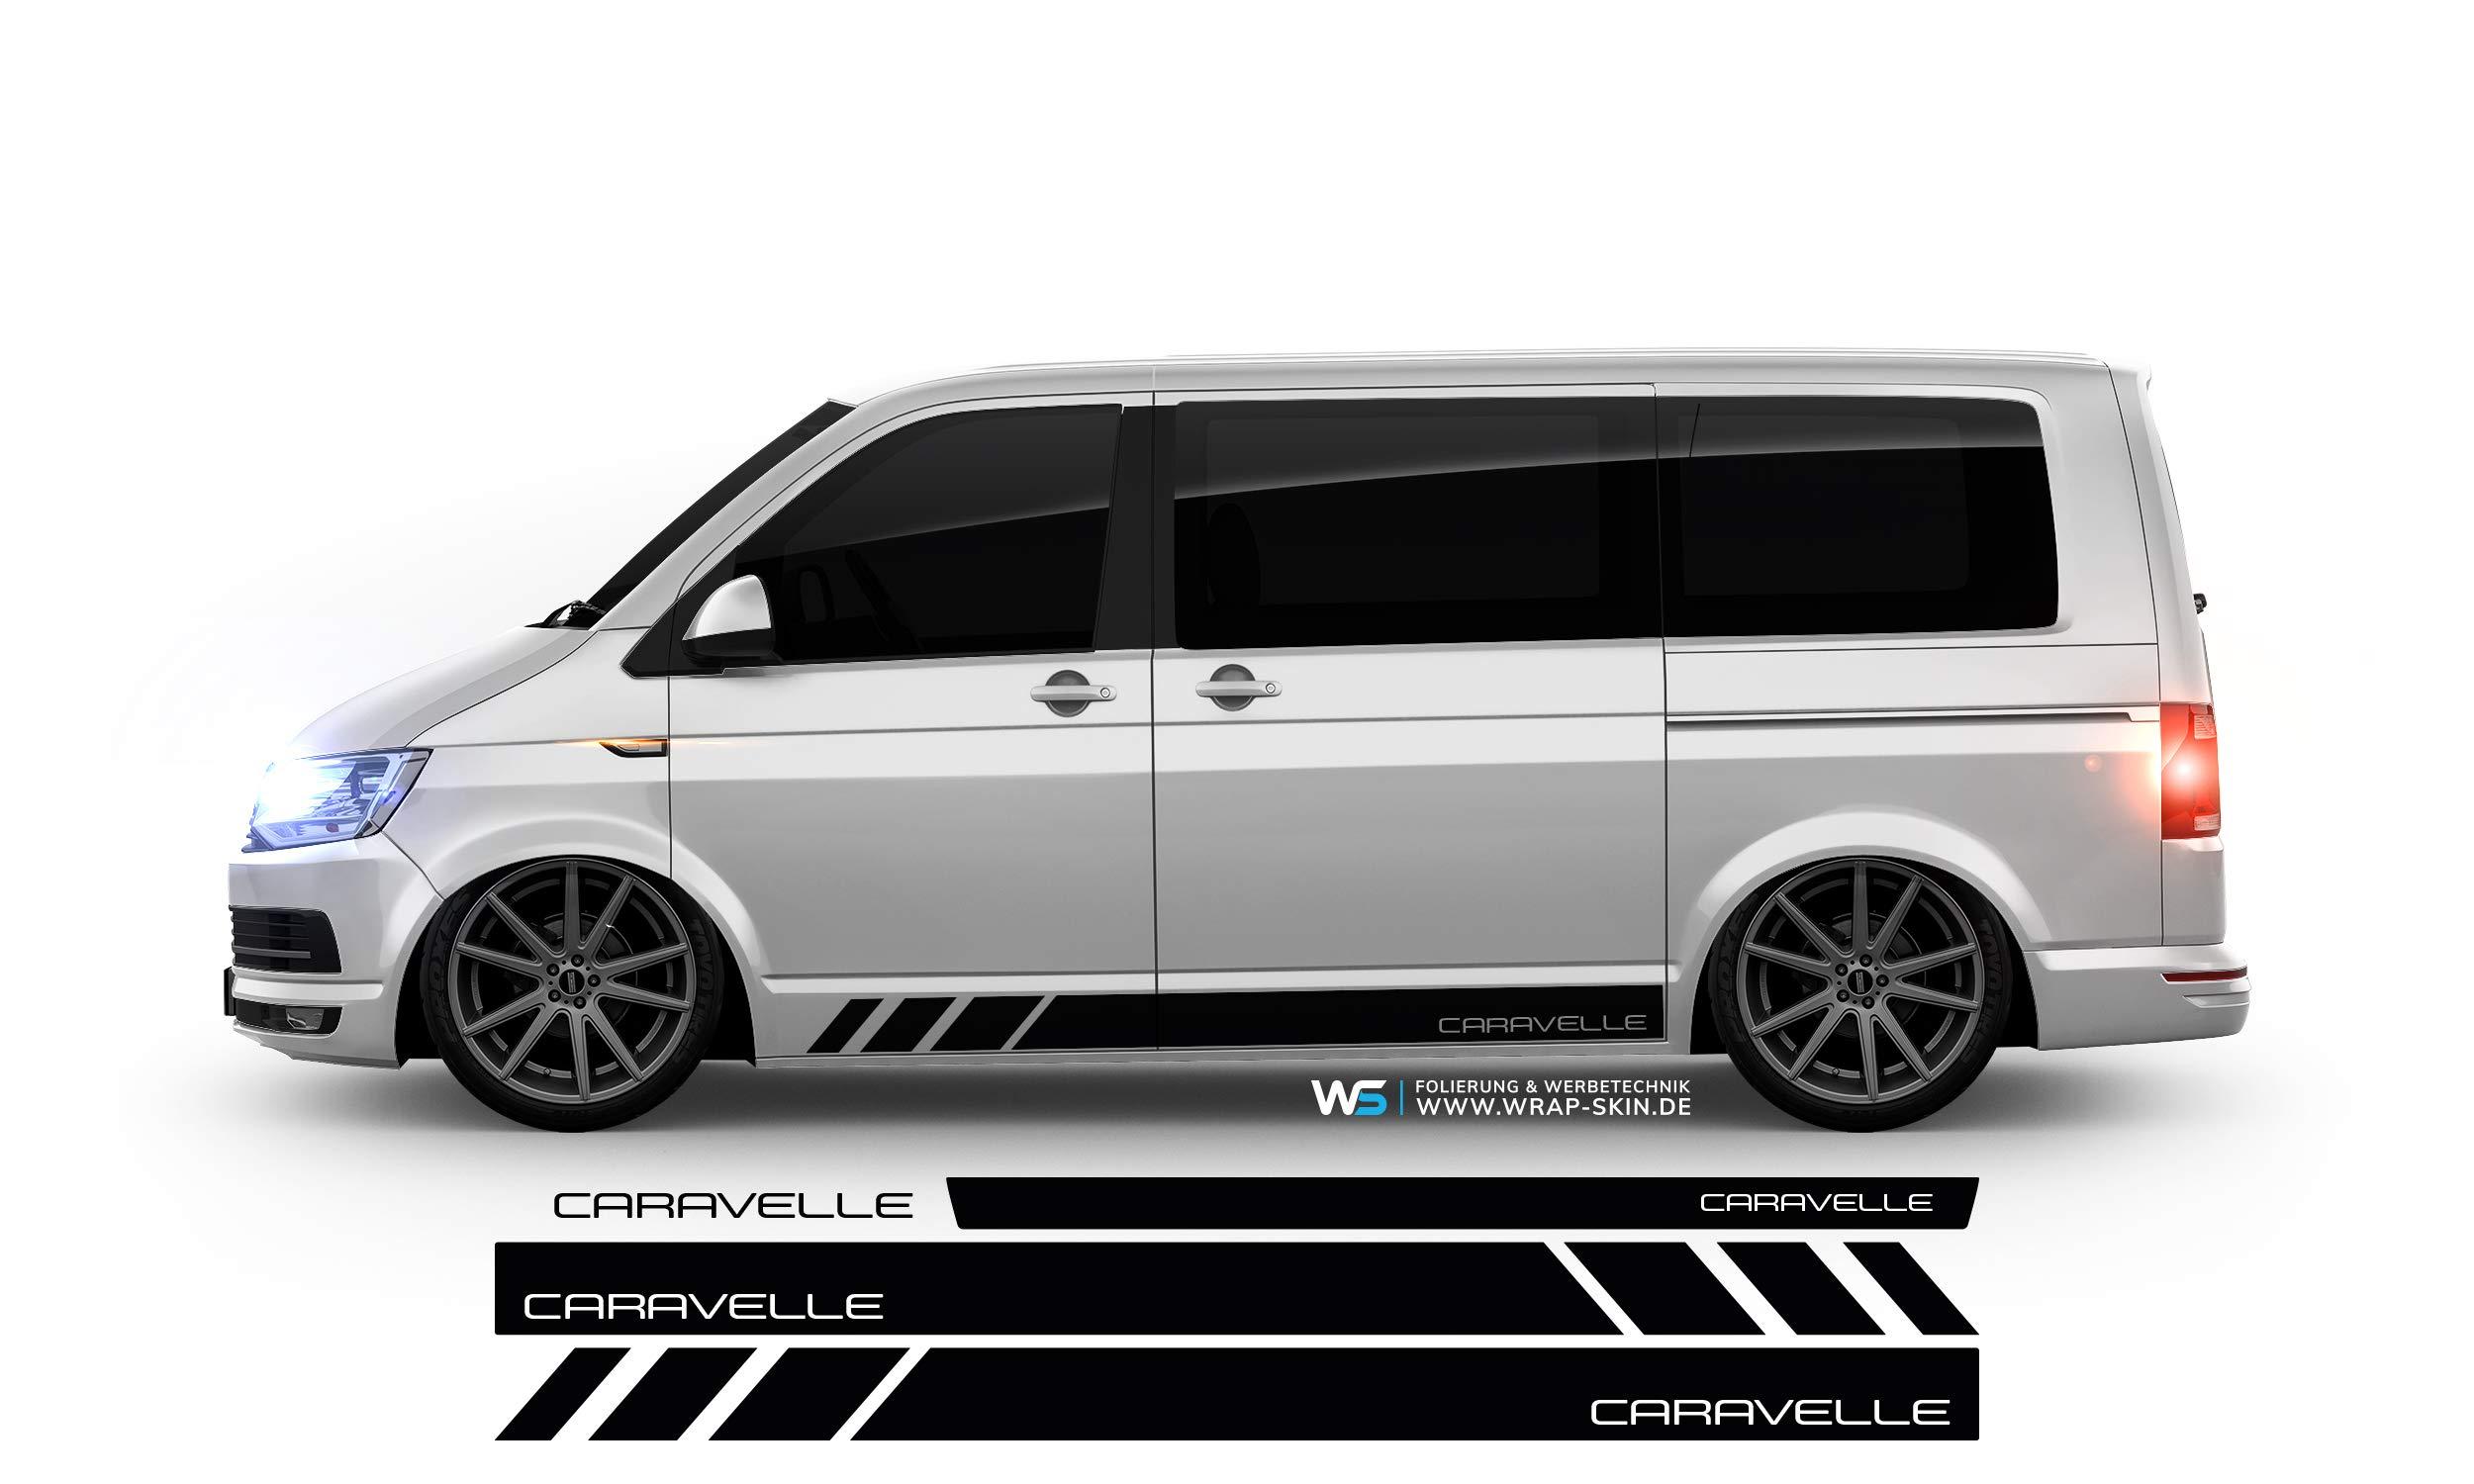 WRAP SKIN - Juego de adhesivos laterales CARAVELLE para VW T4 T5 T6, WS-03-08-10037-V: Amazon.es: Coche y moto